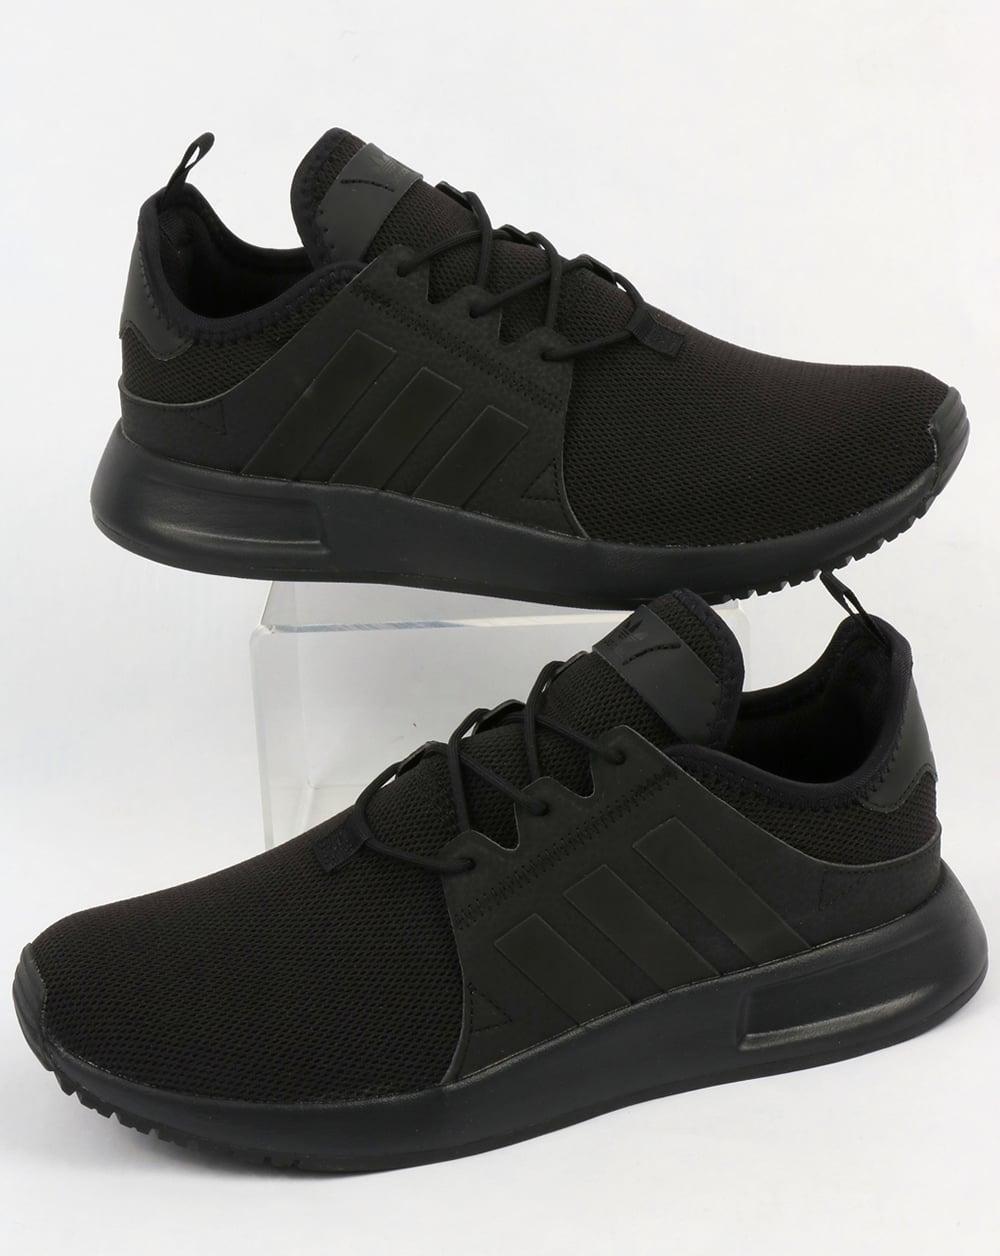 adidas Trainers Adidas XPLR Trainers Black Trace Grey eaff7ca7f